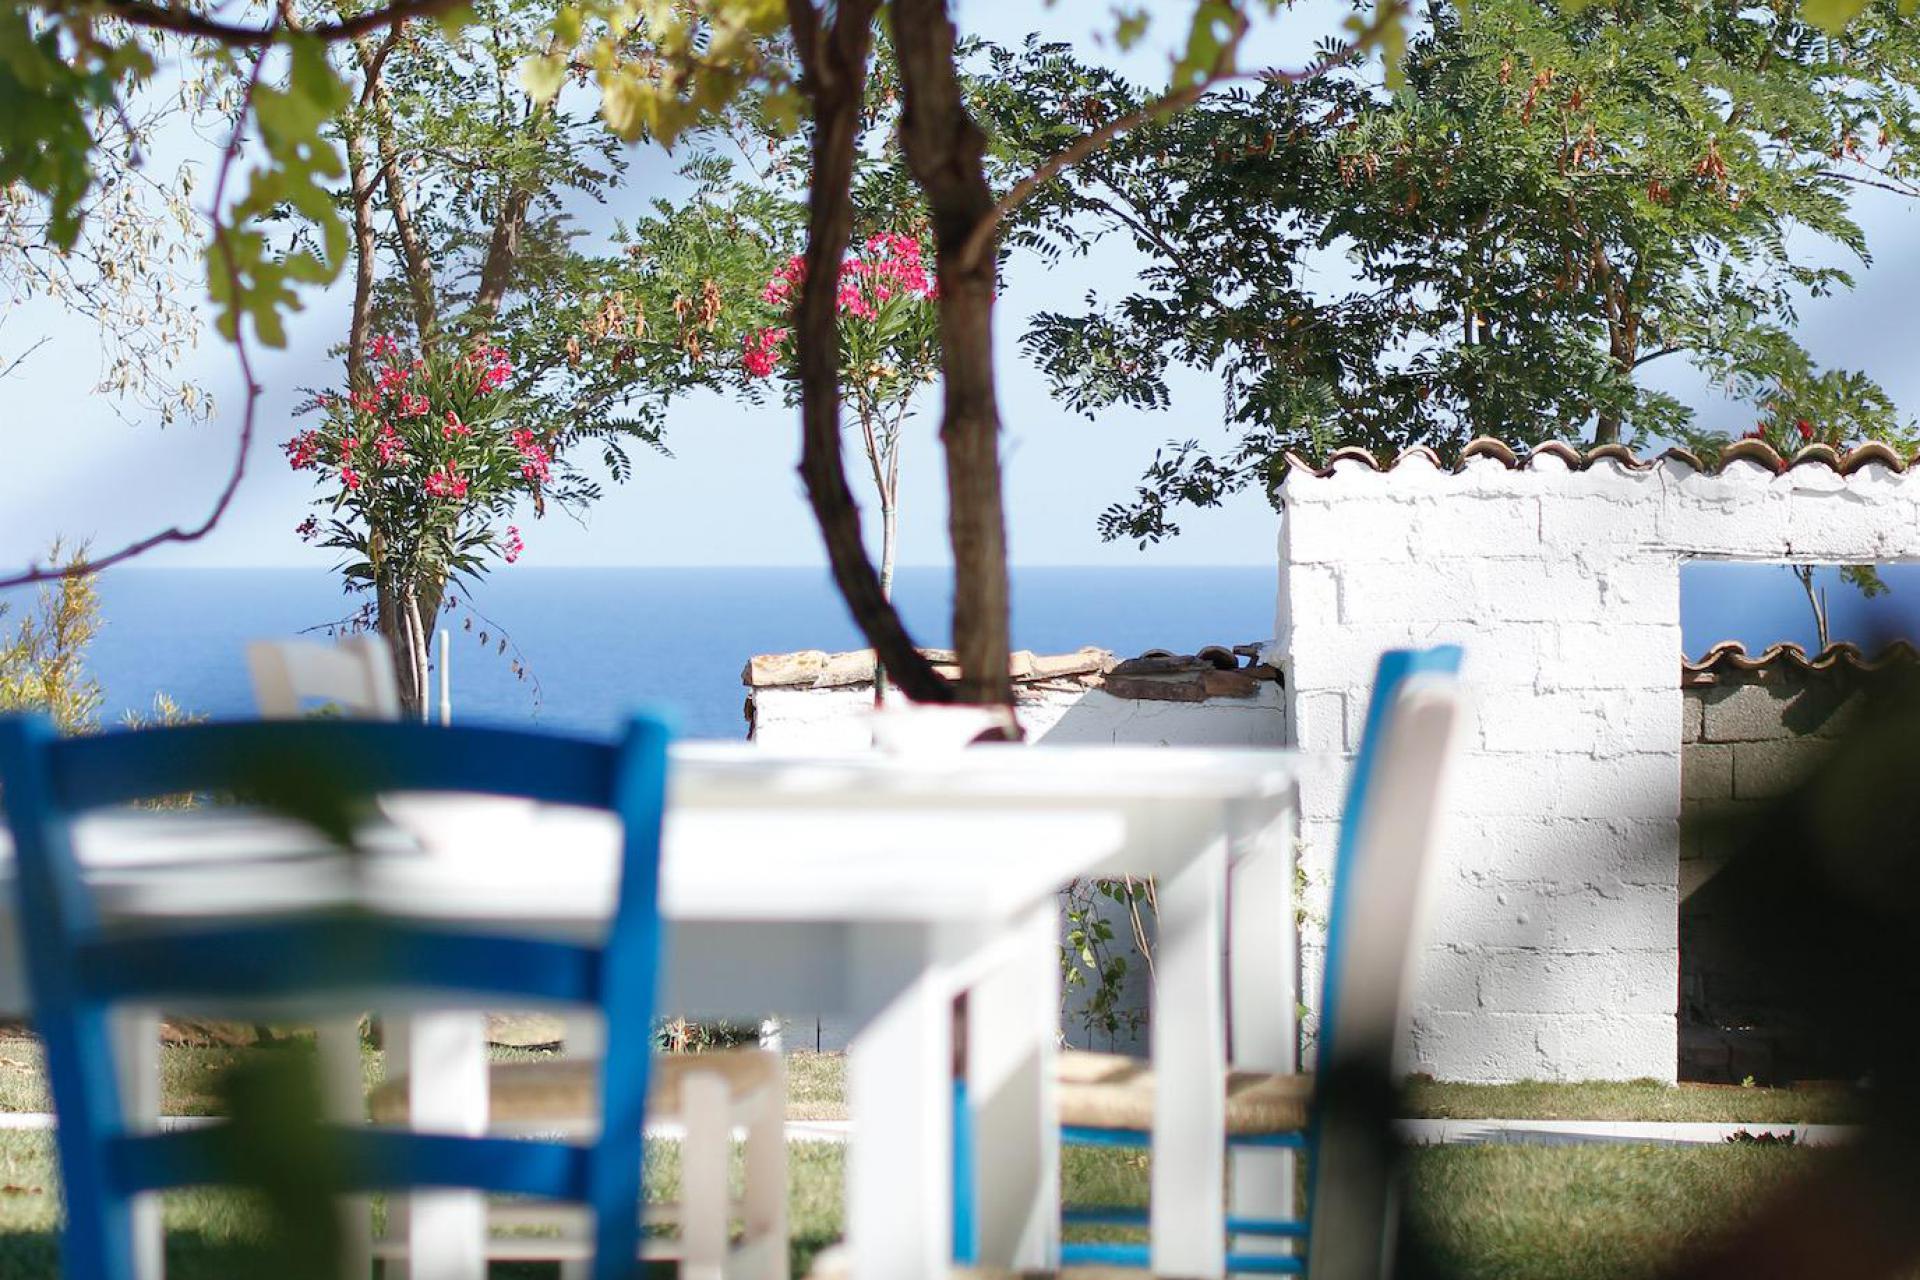 Agriturismo Kalabrien Wunderschönes B&B in Kalabrien, nicht weit vom Strand entfernt